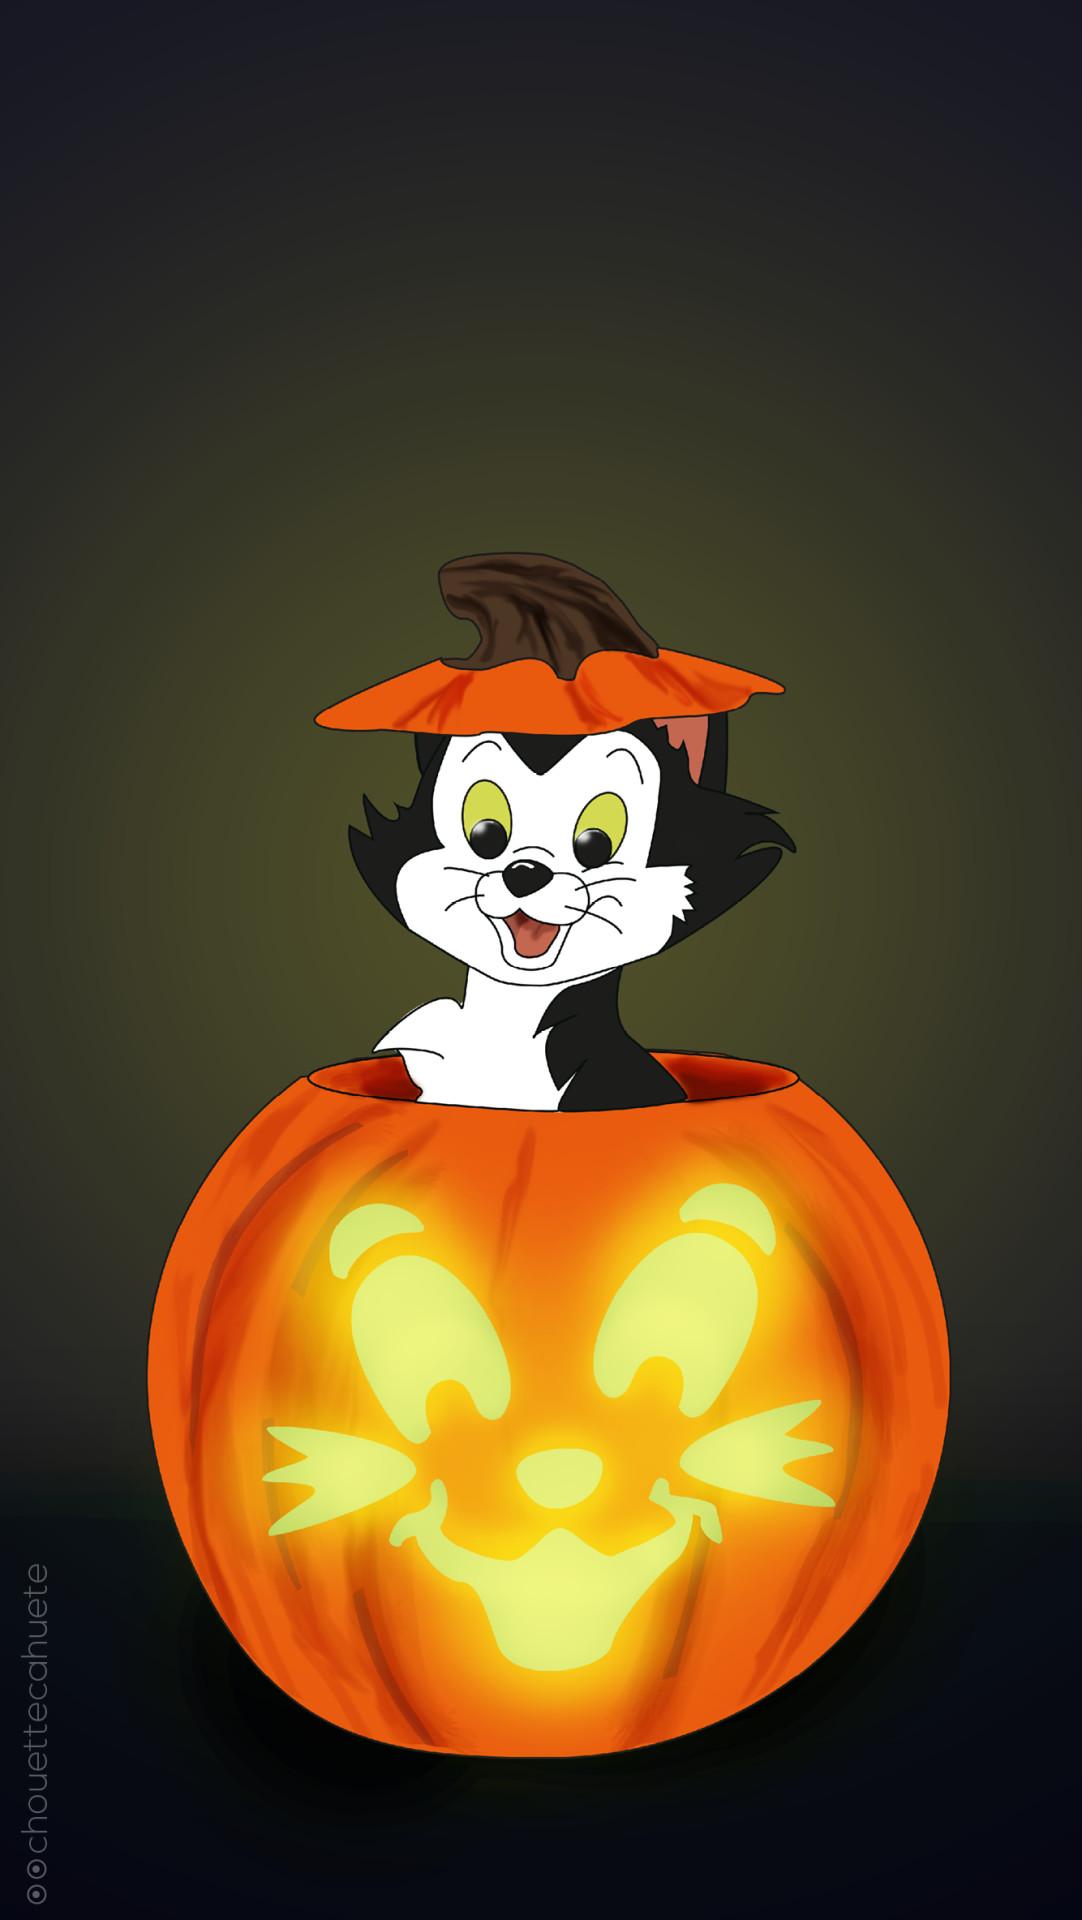 Disney Halloween Wallpaper Backgrounds 65 images 1082x1920